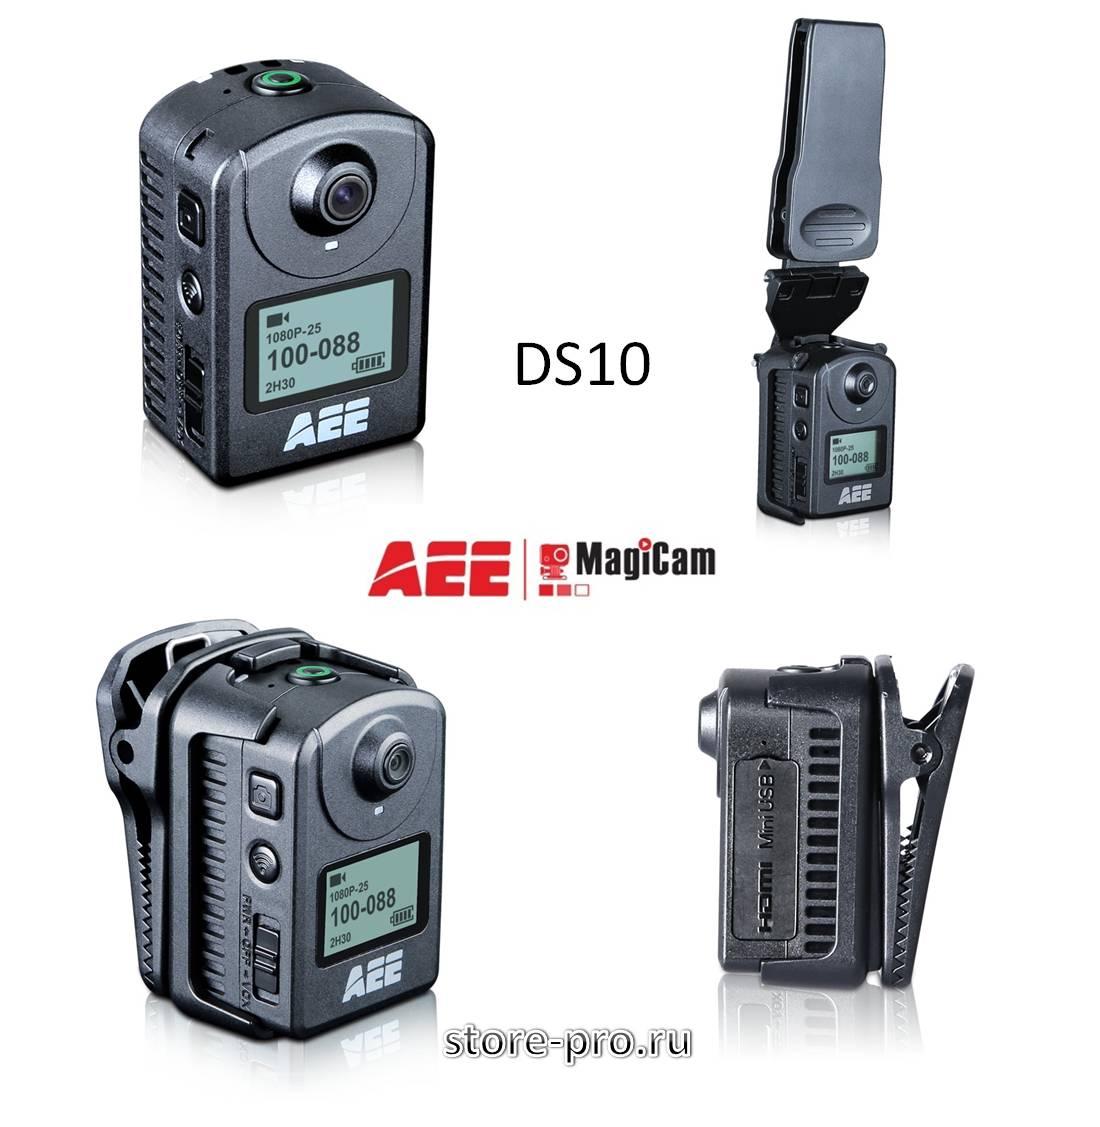 Купить экшен камеру AEE MagiCam MD10 цена